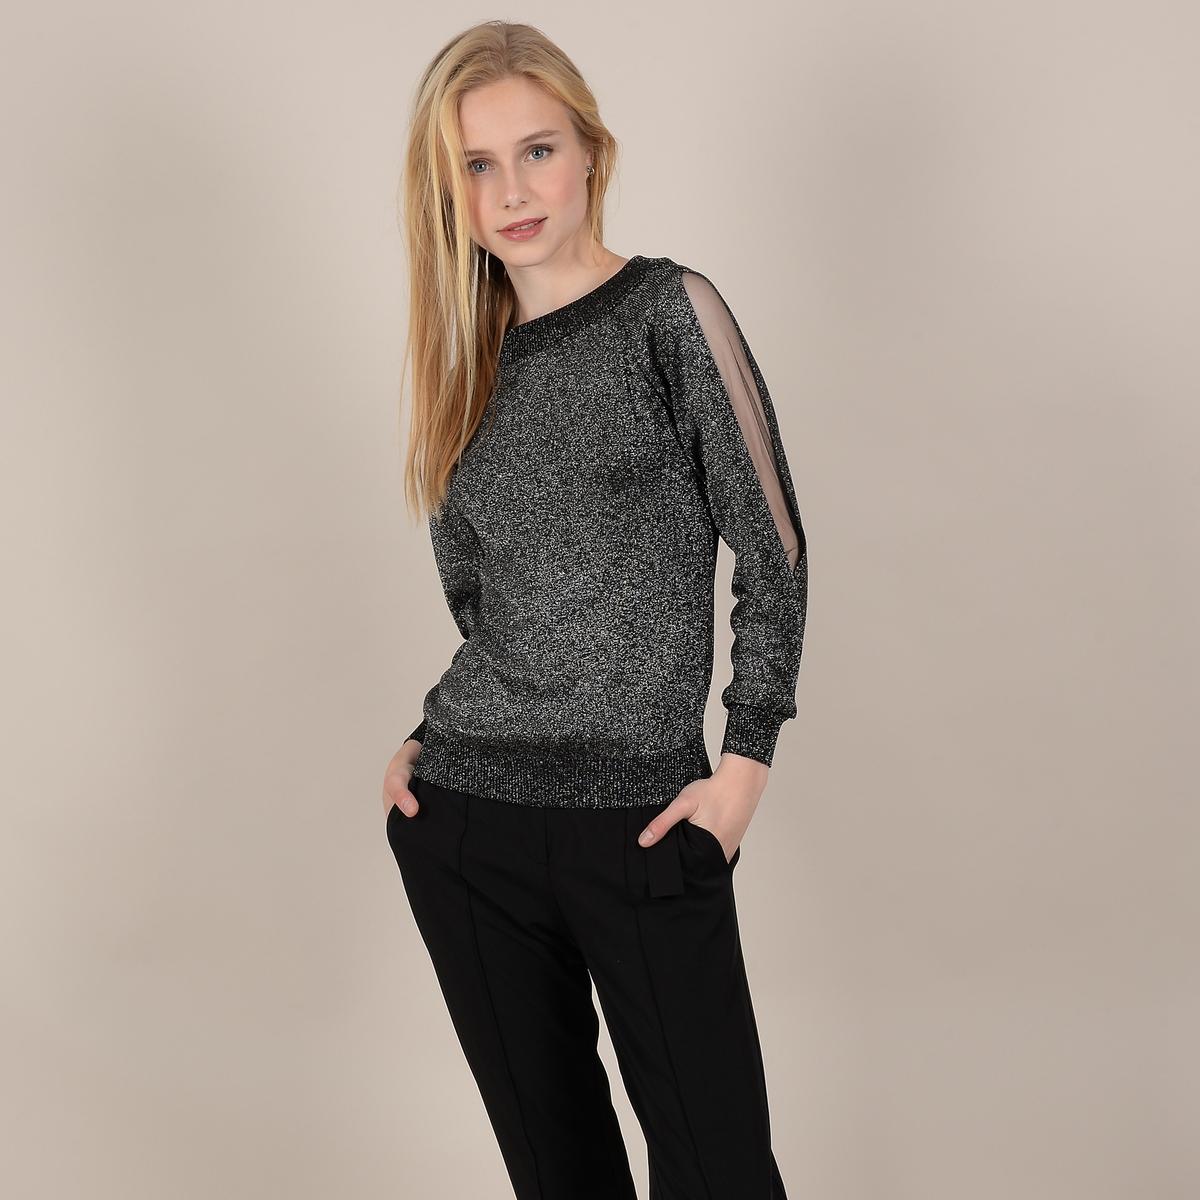 цена Пуловер La Redoute Из тонкого блестящего трикотажа с оригинальными длинными рукавами M/L черный онлайн в 2017 году